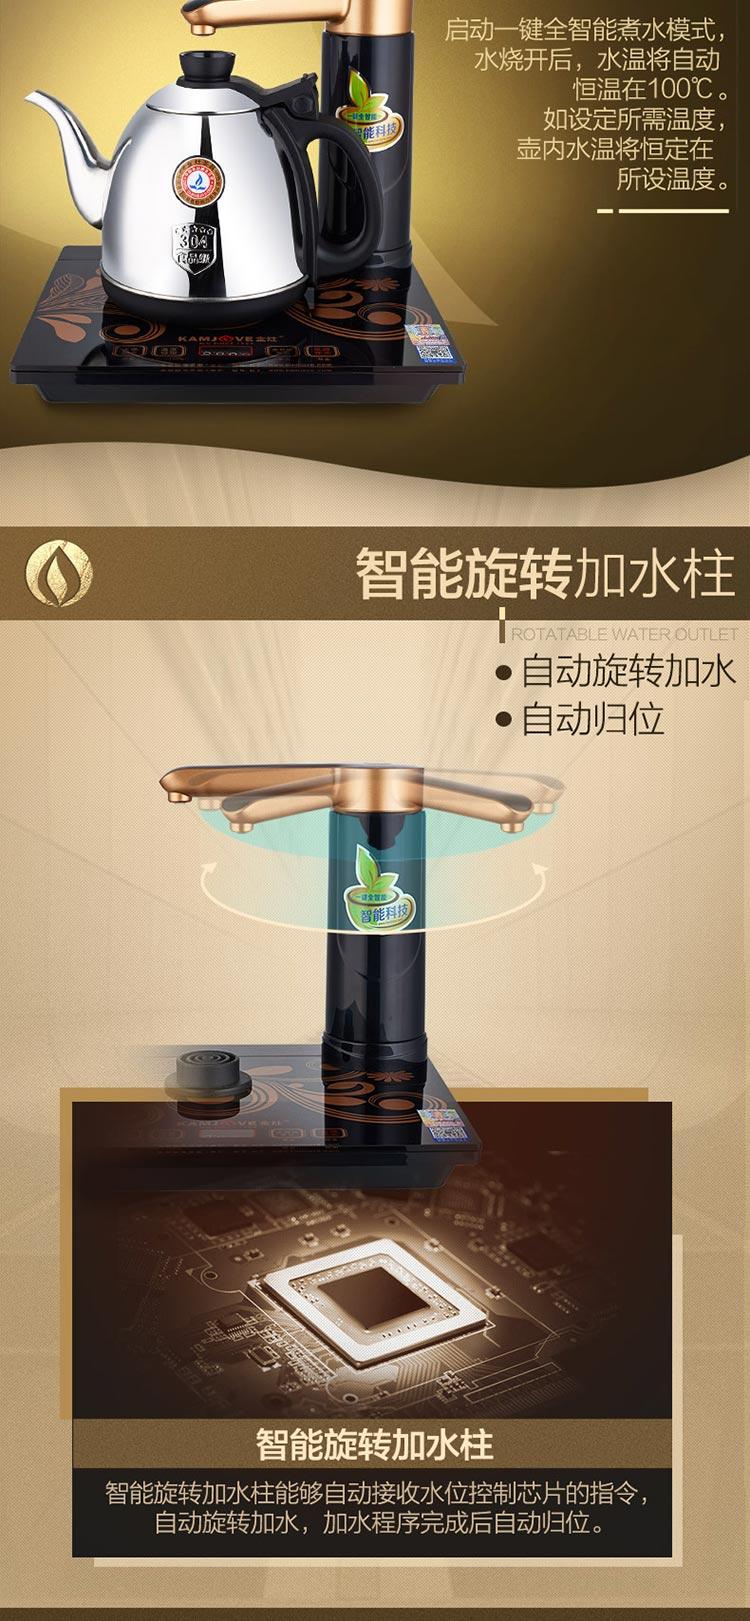 K7-详情图【添加进水管】_04